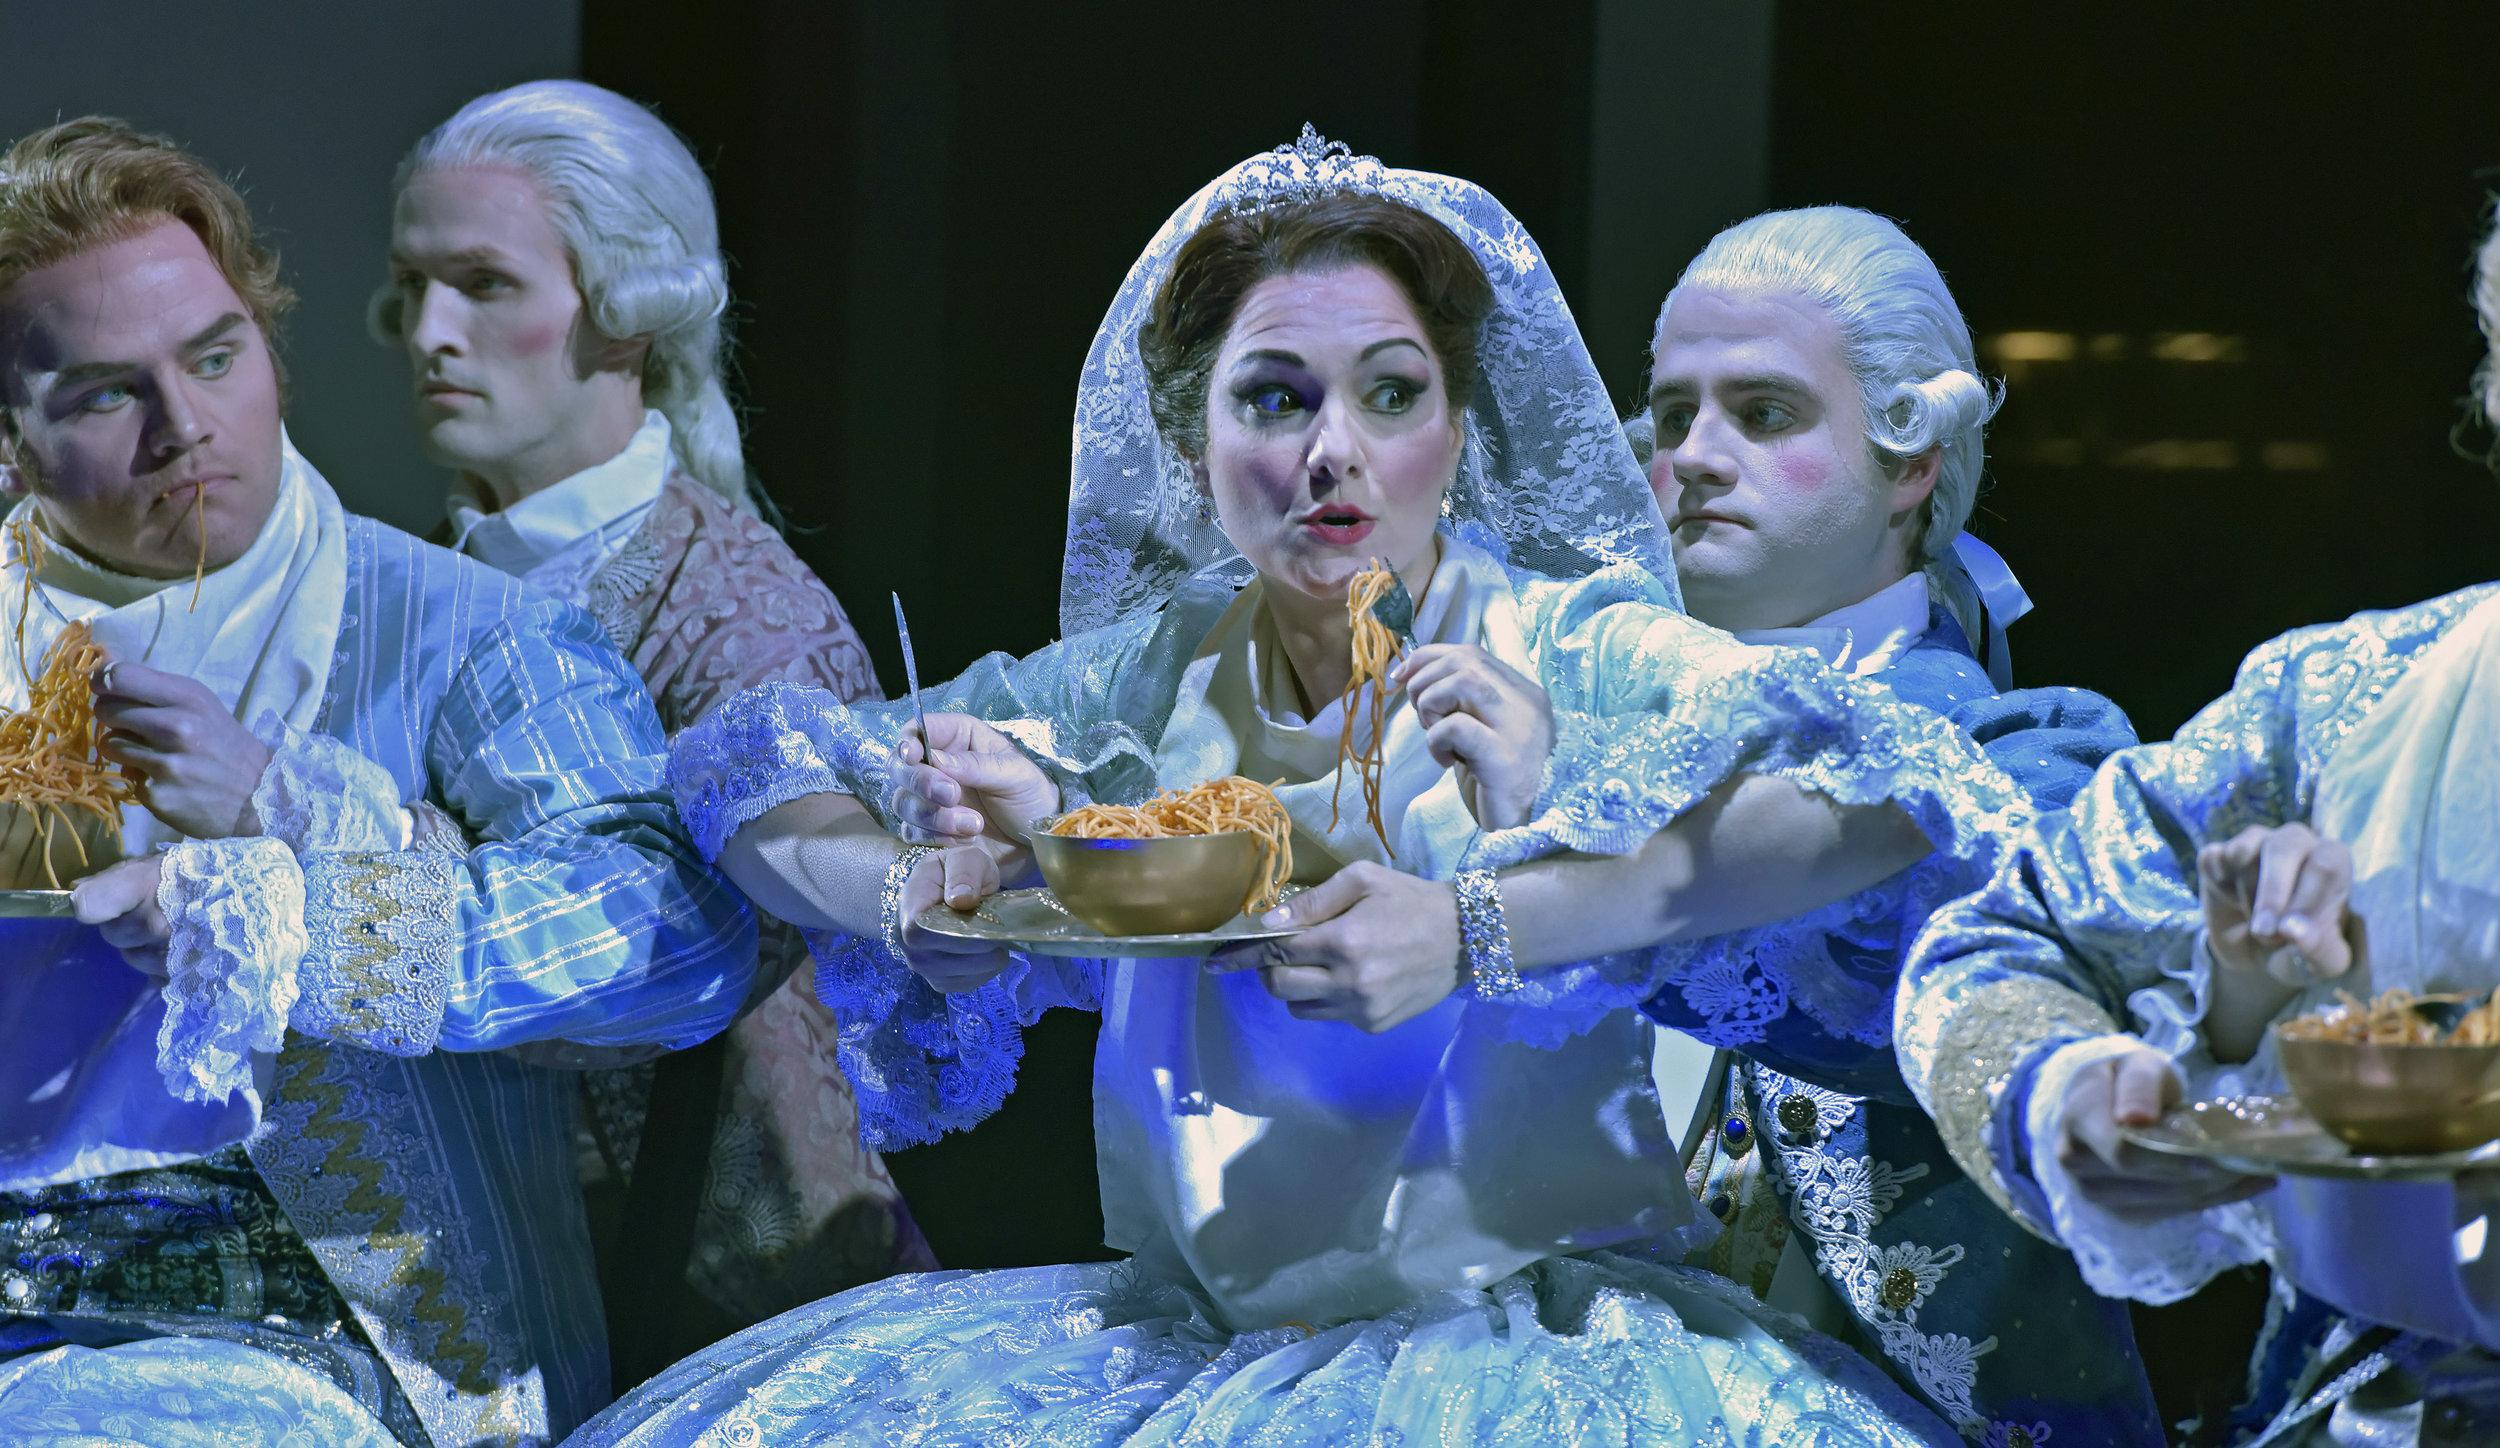 Opera_Saratoga_GG62960.jpg